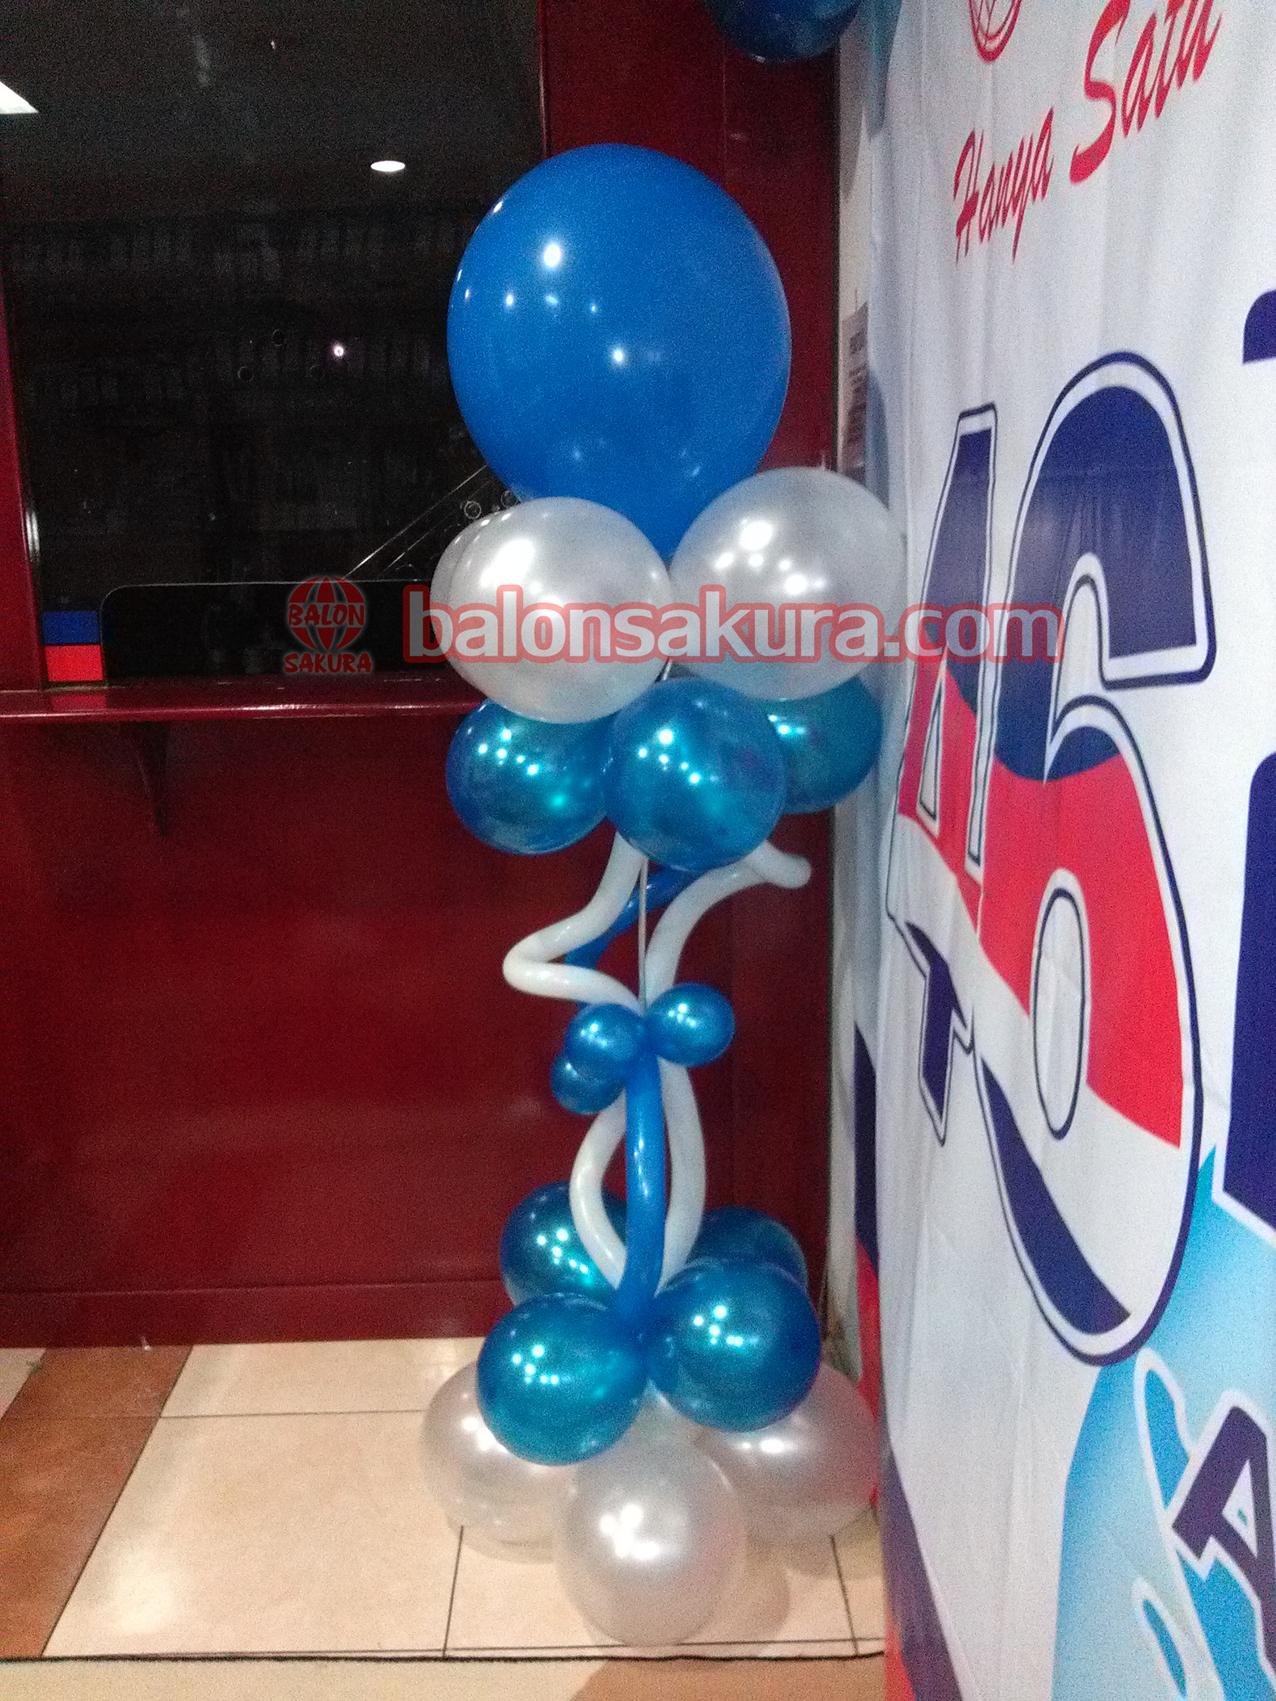 dekorasi standing balon